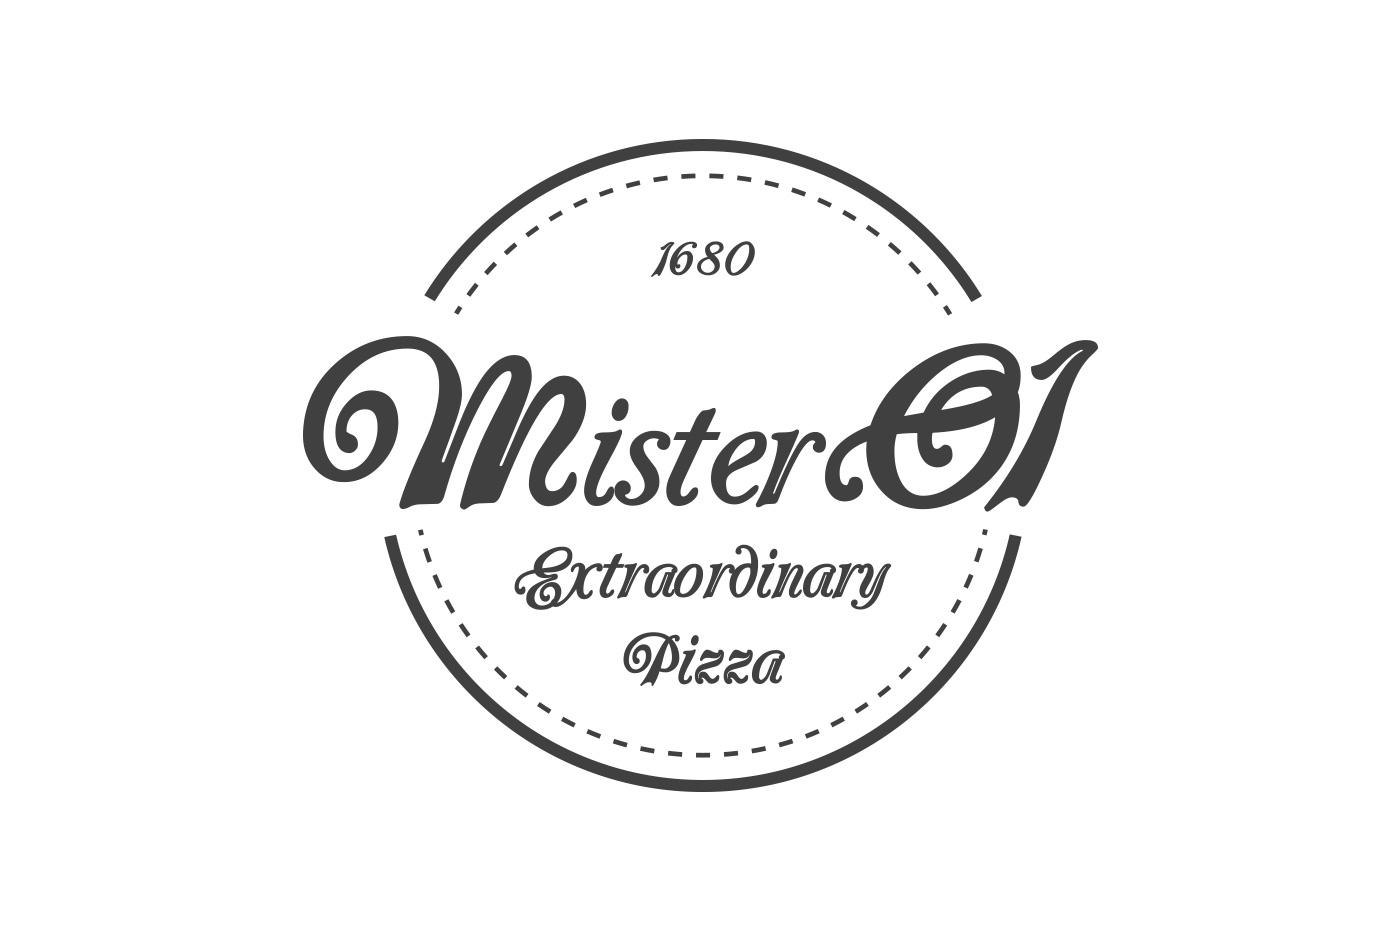 mister-o1-official-logo